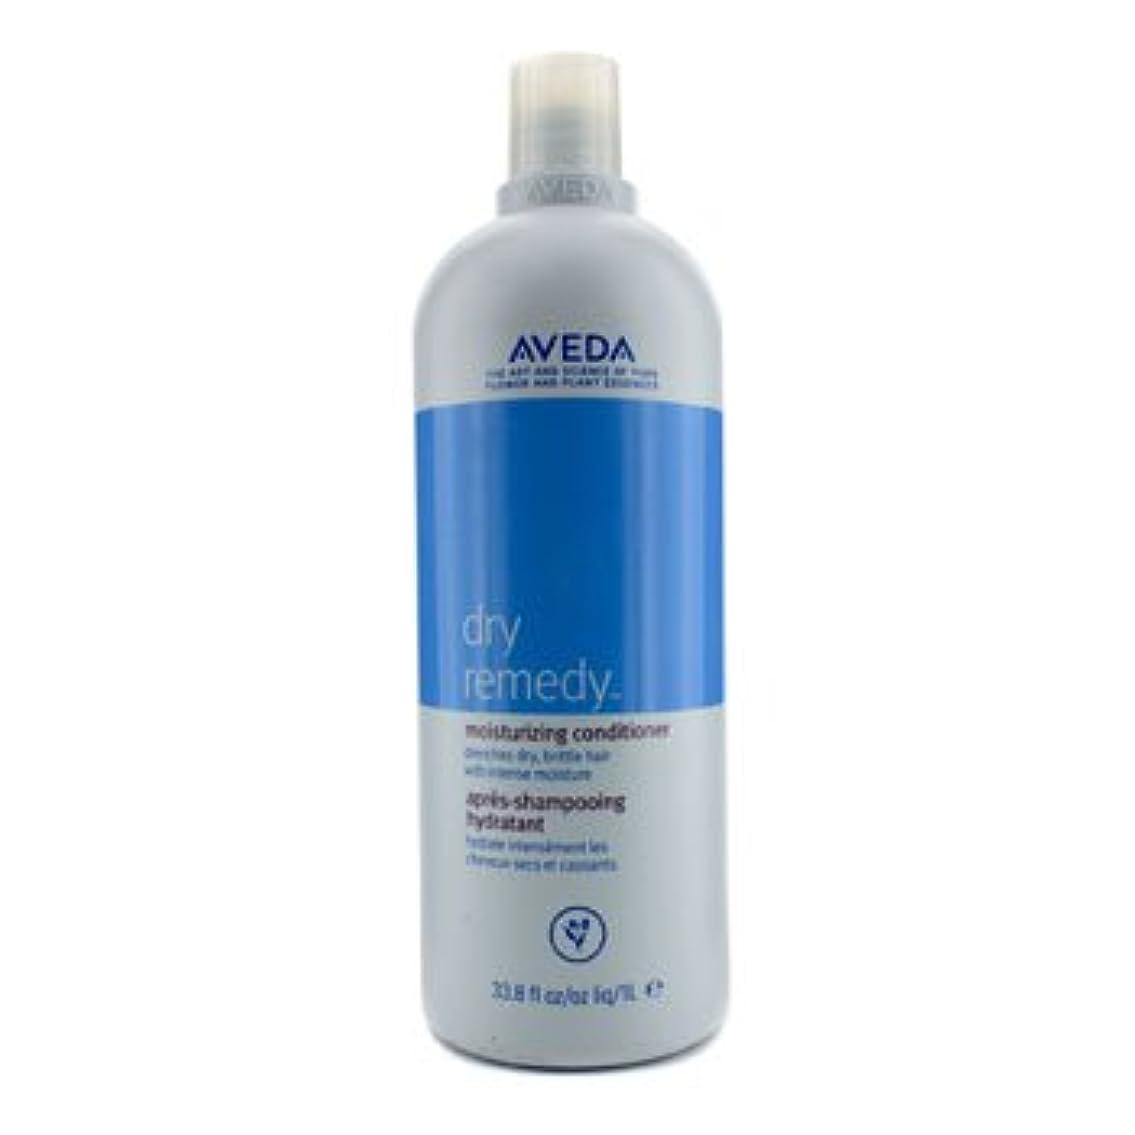 会議排除する薄い[Aveda] Dry Remedy Moisturizing Conditioner - For Drenches Dry Brittle Hair (New Packaging) 1000ml/33.8oz